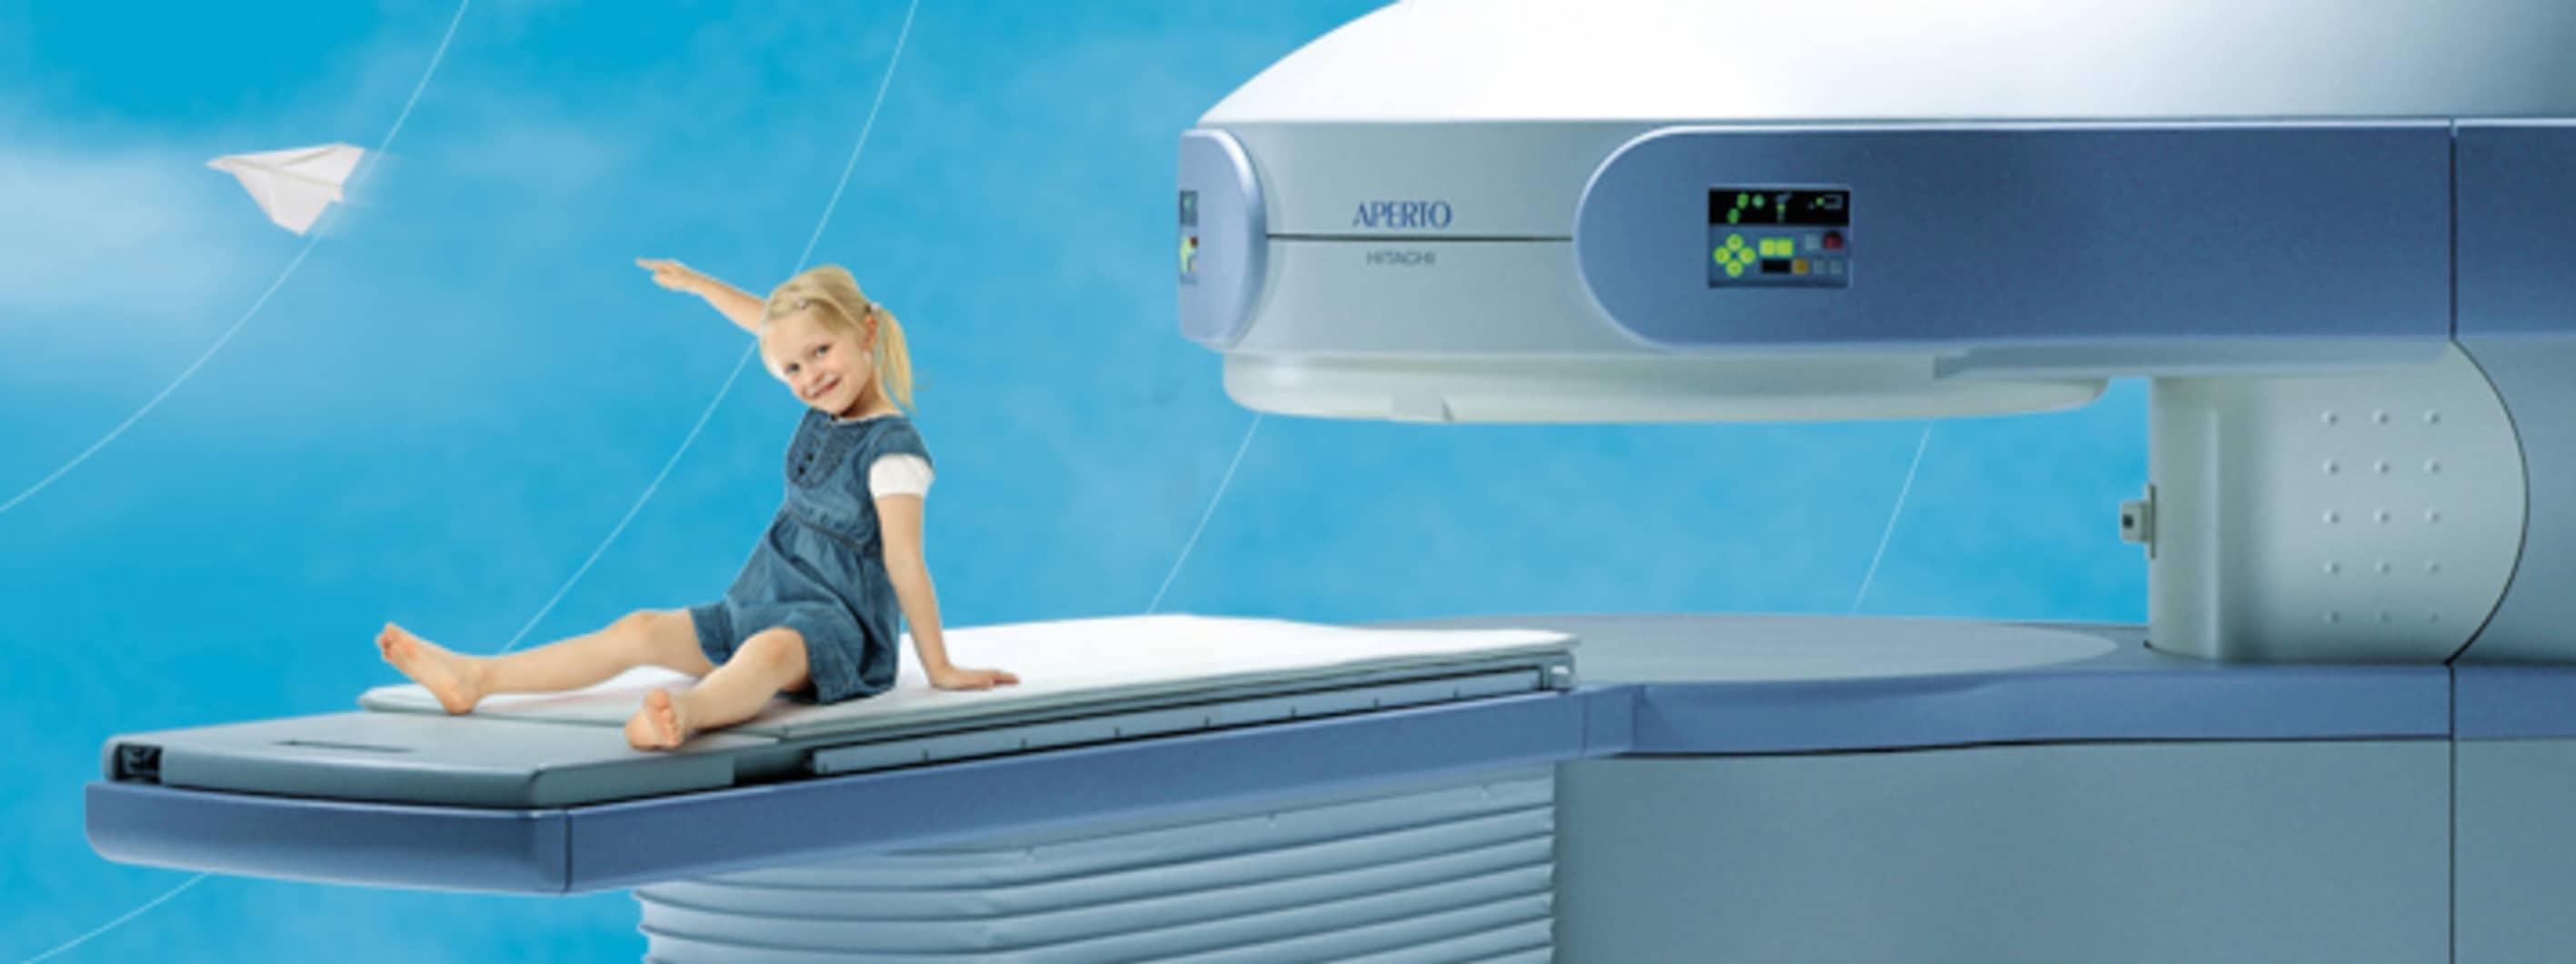 DVT-Röntgendiagnostik